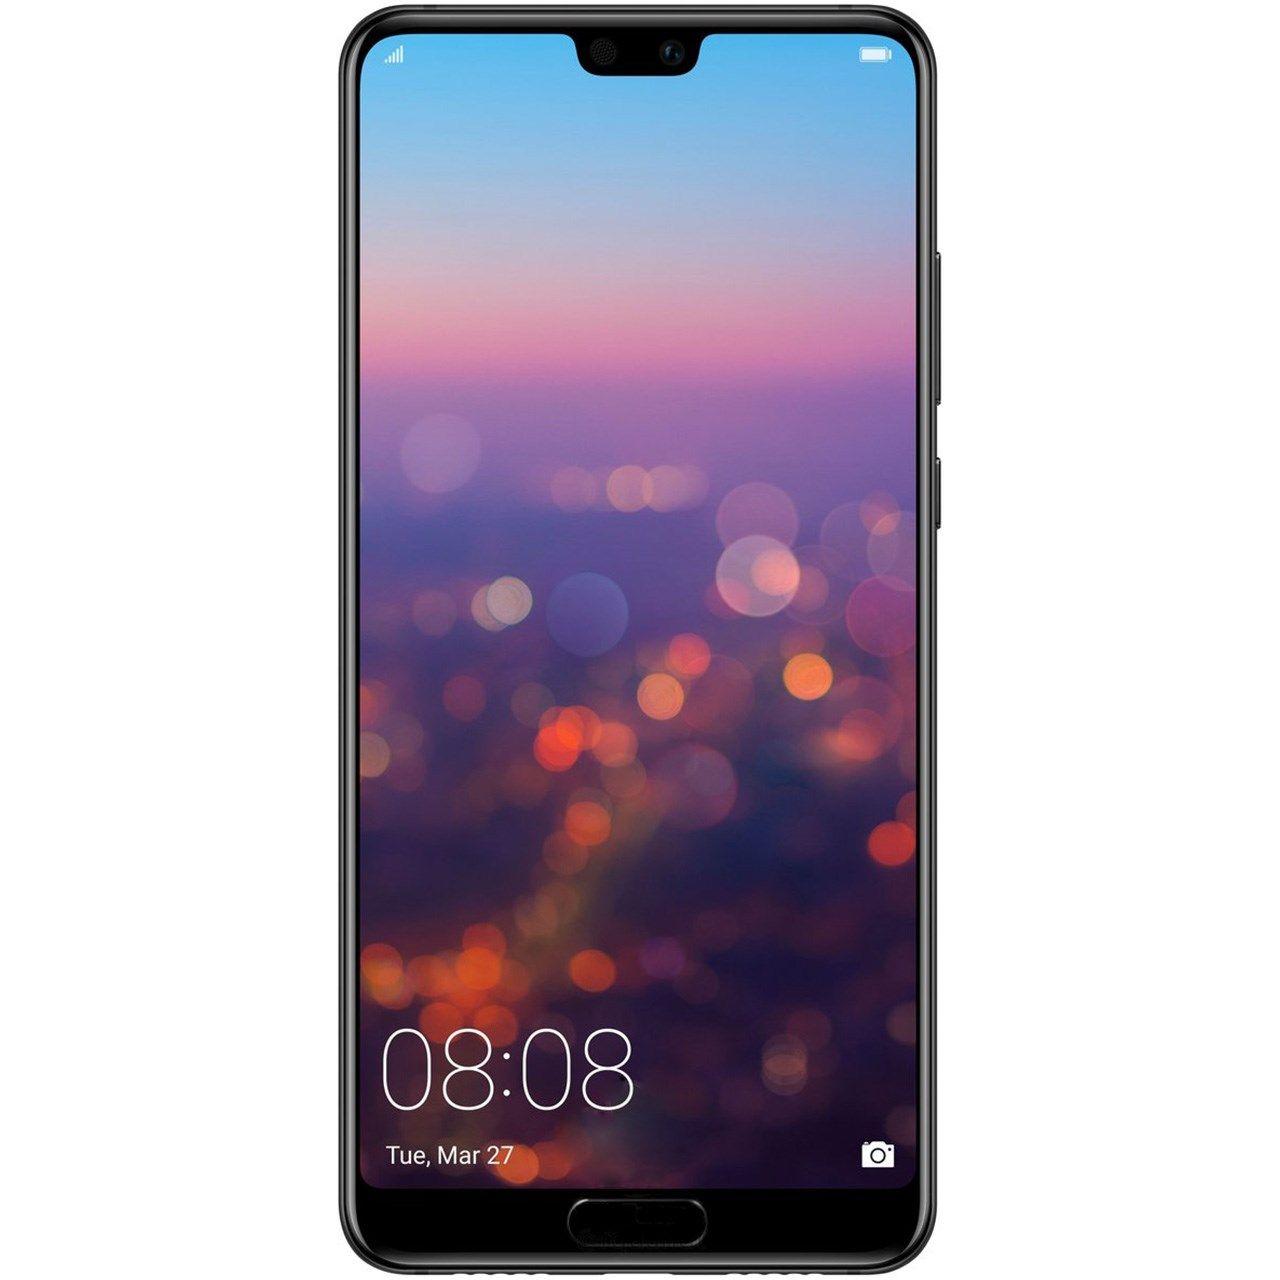 گوشی موبایل هواوی P20دوسیم کارت 128gb Huawei P20 Dual Sim 128gb Mobile Phone Huawei Phone Android Phone